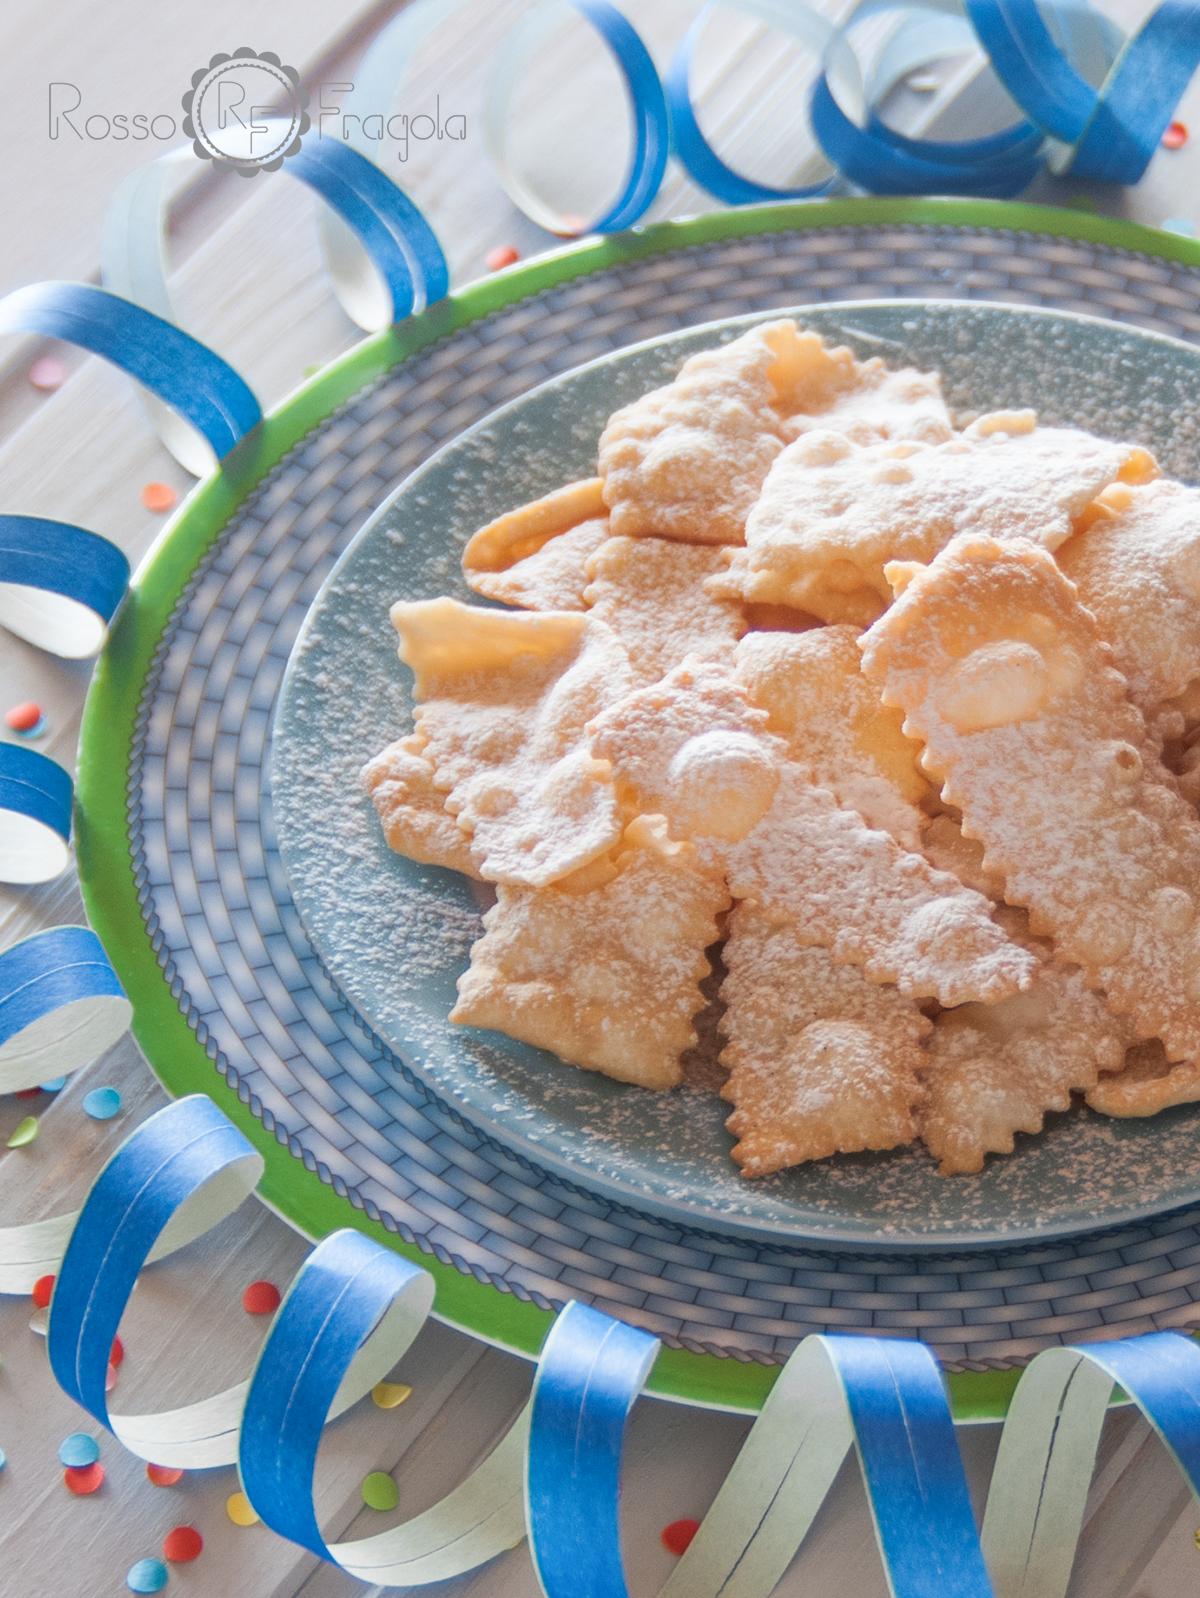 CHIACCHERE - ricetta senza lievito di Iginio Massari